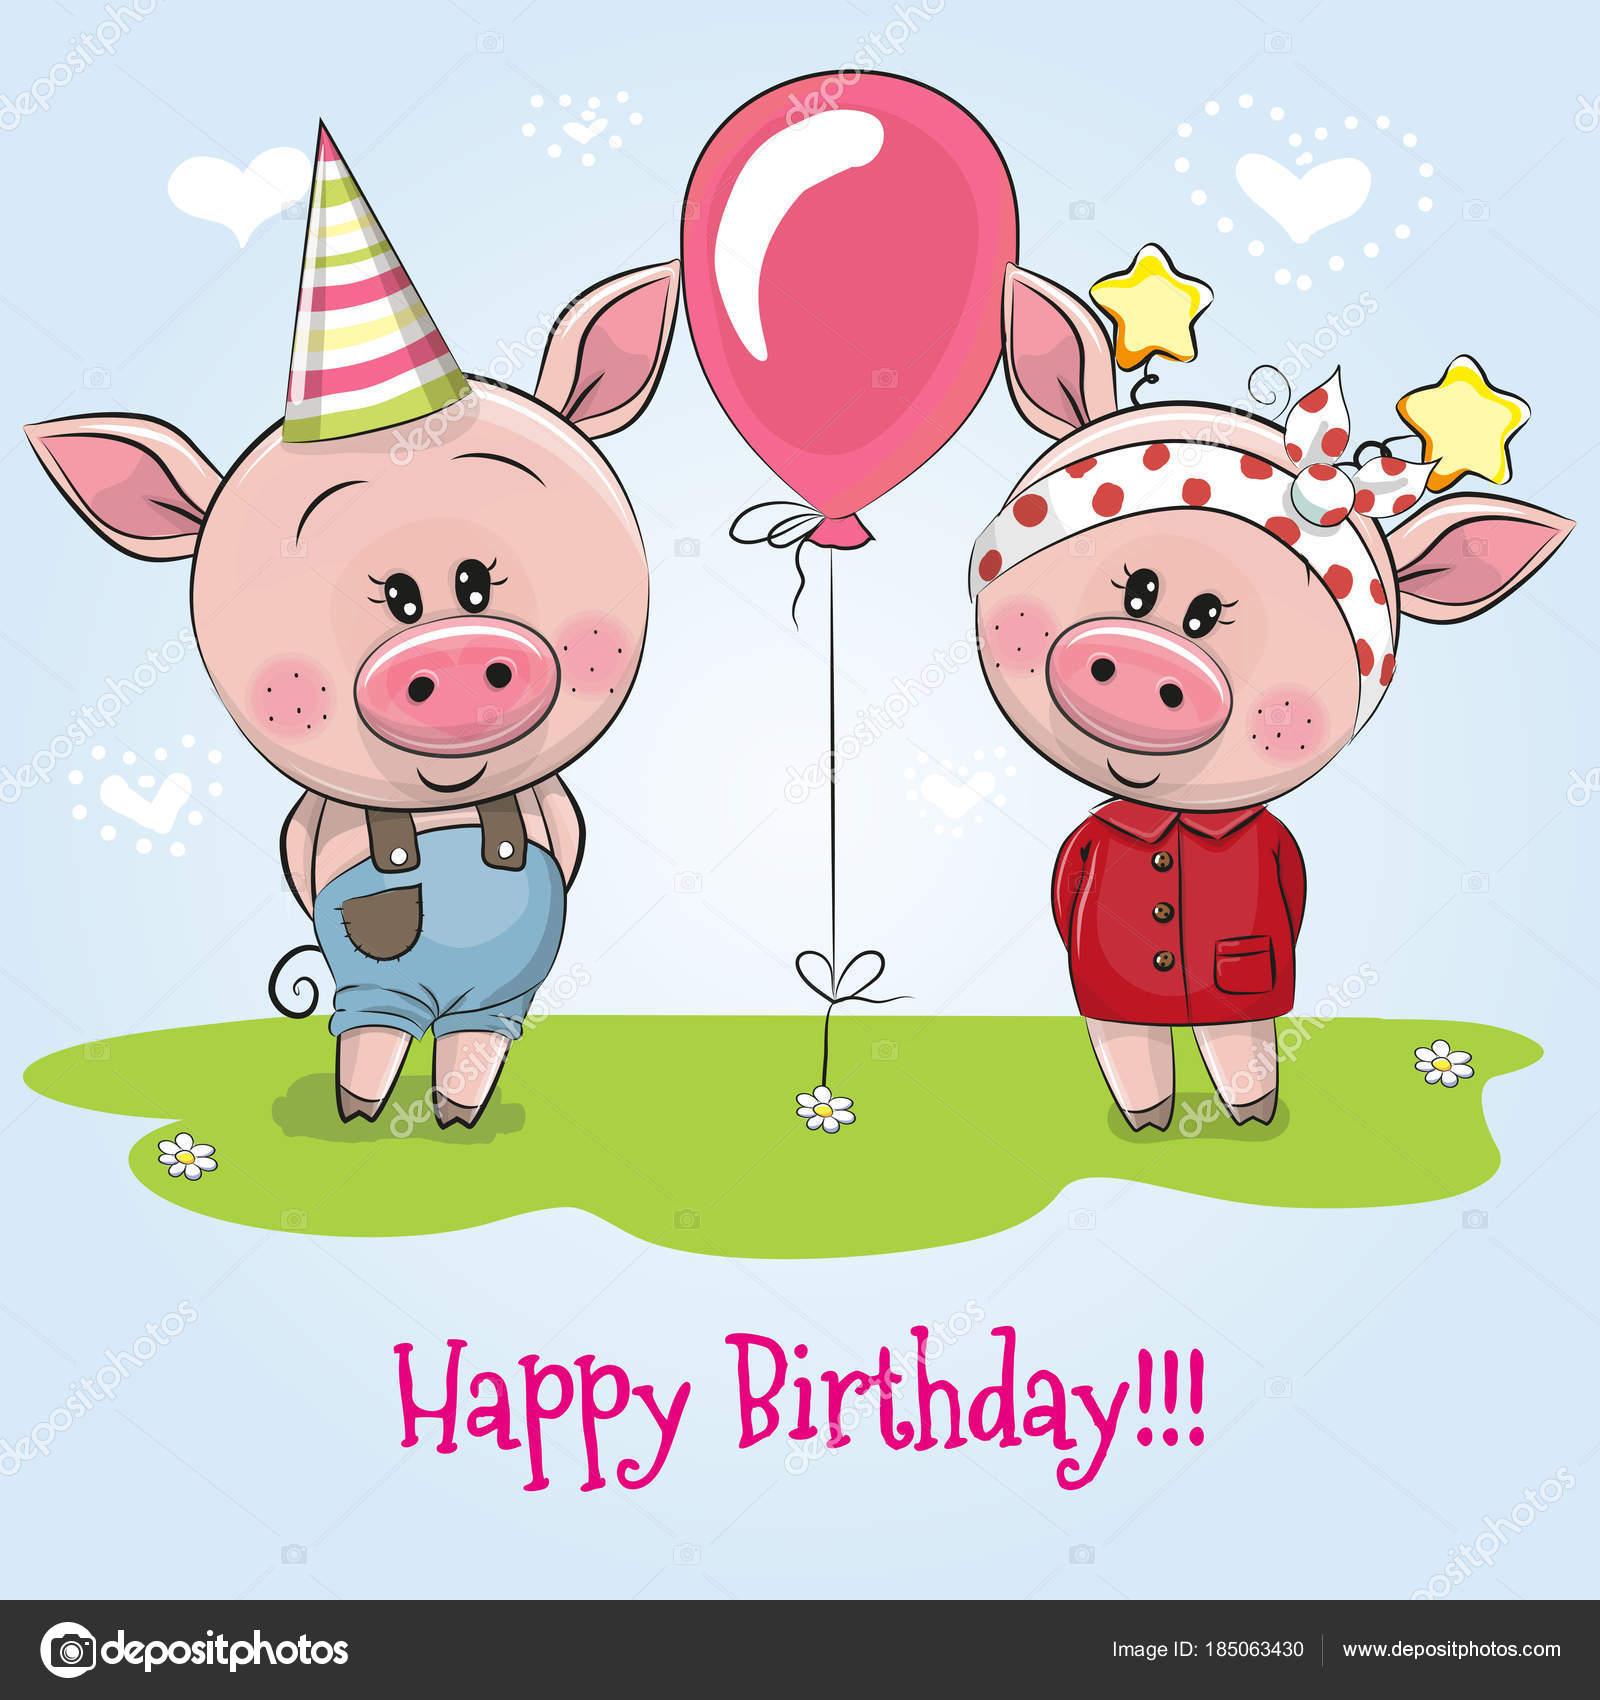 поросенка с днем рожденья или рождения поздравления конечно